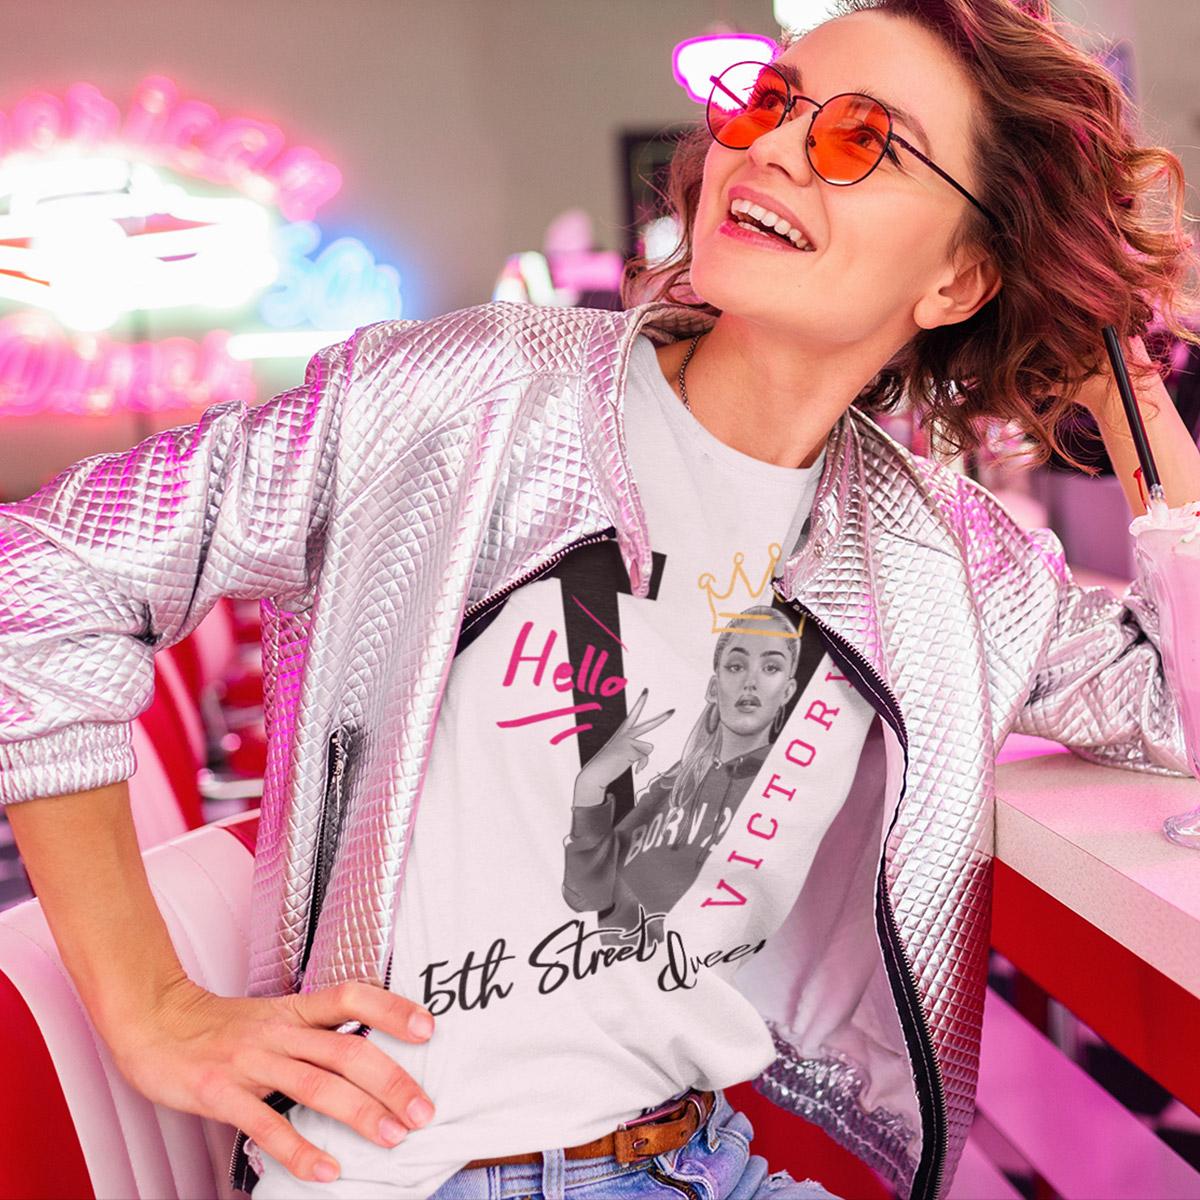 Queen of 5th Street Poker T-Shirt